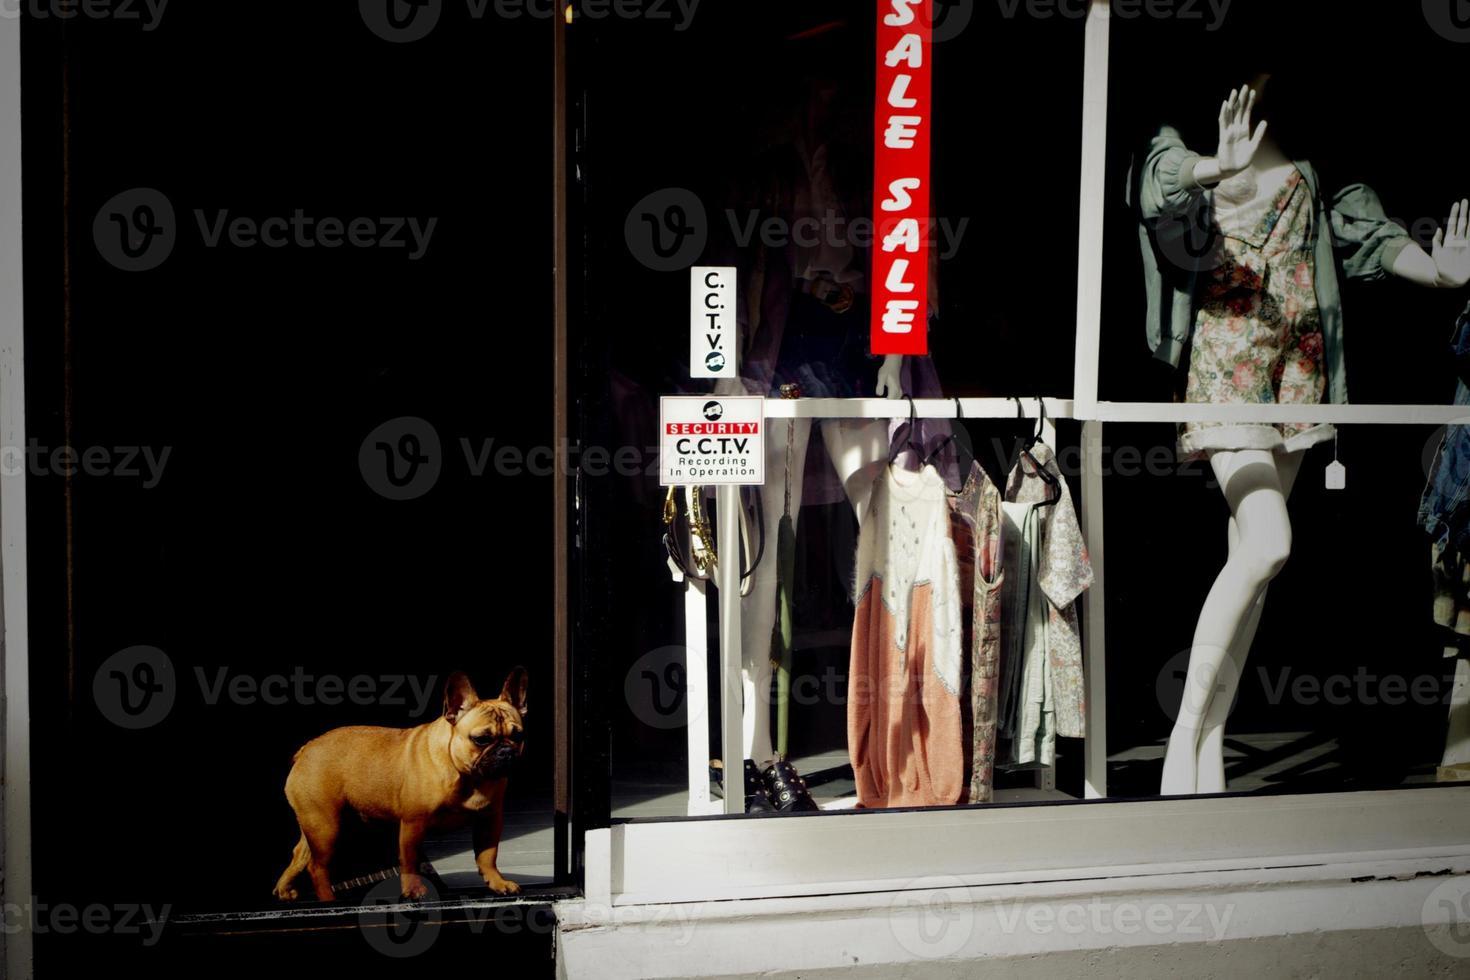 perro en la entrada de la tienda foto